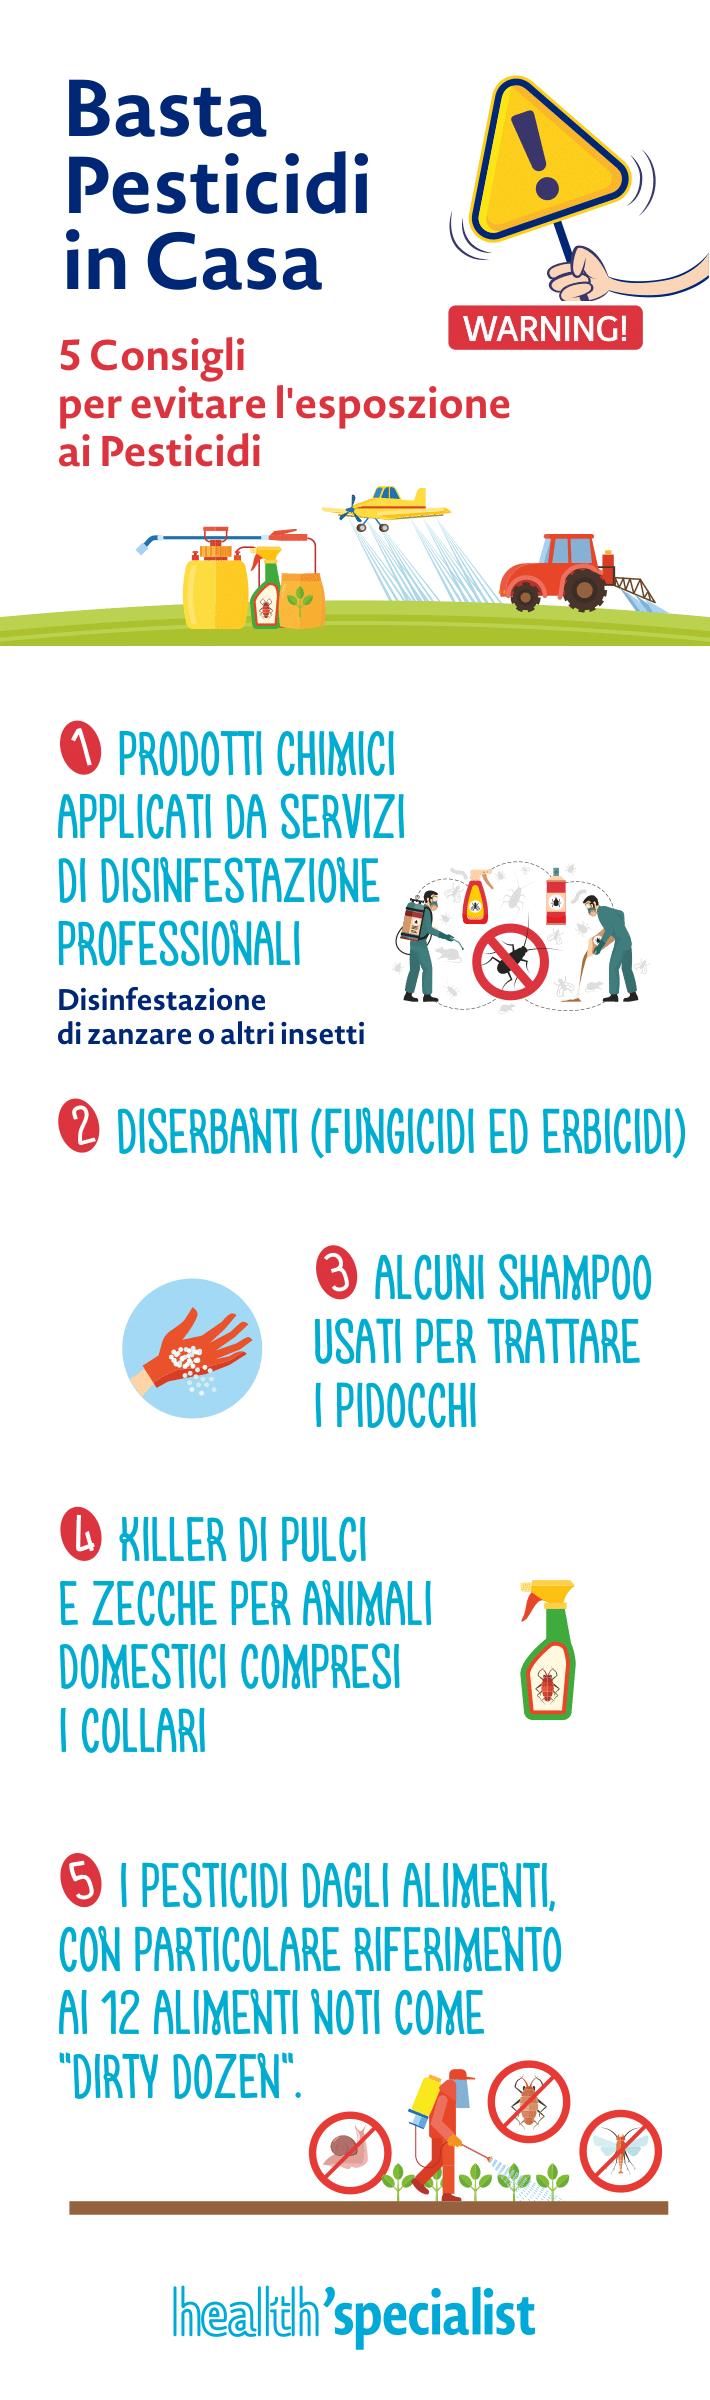 Prevenzione leucemia: Pesticidi